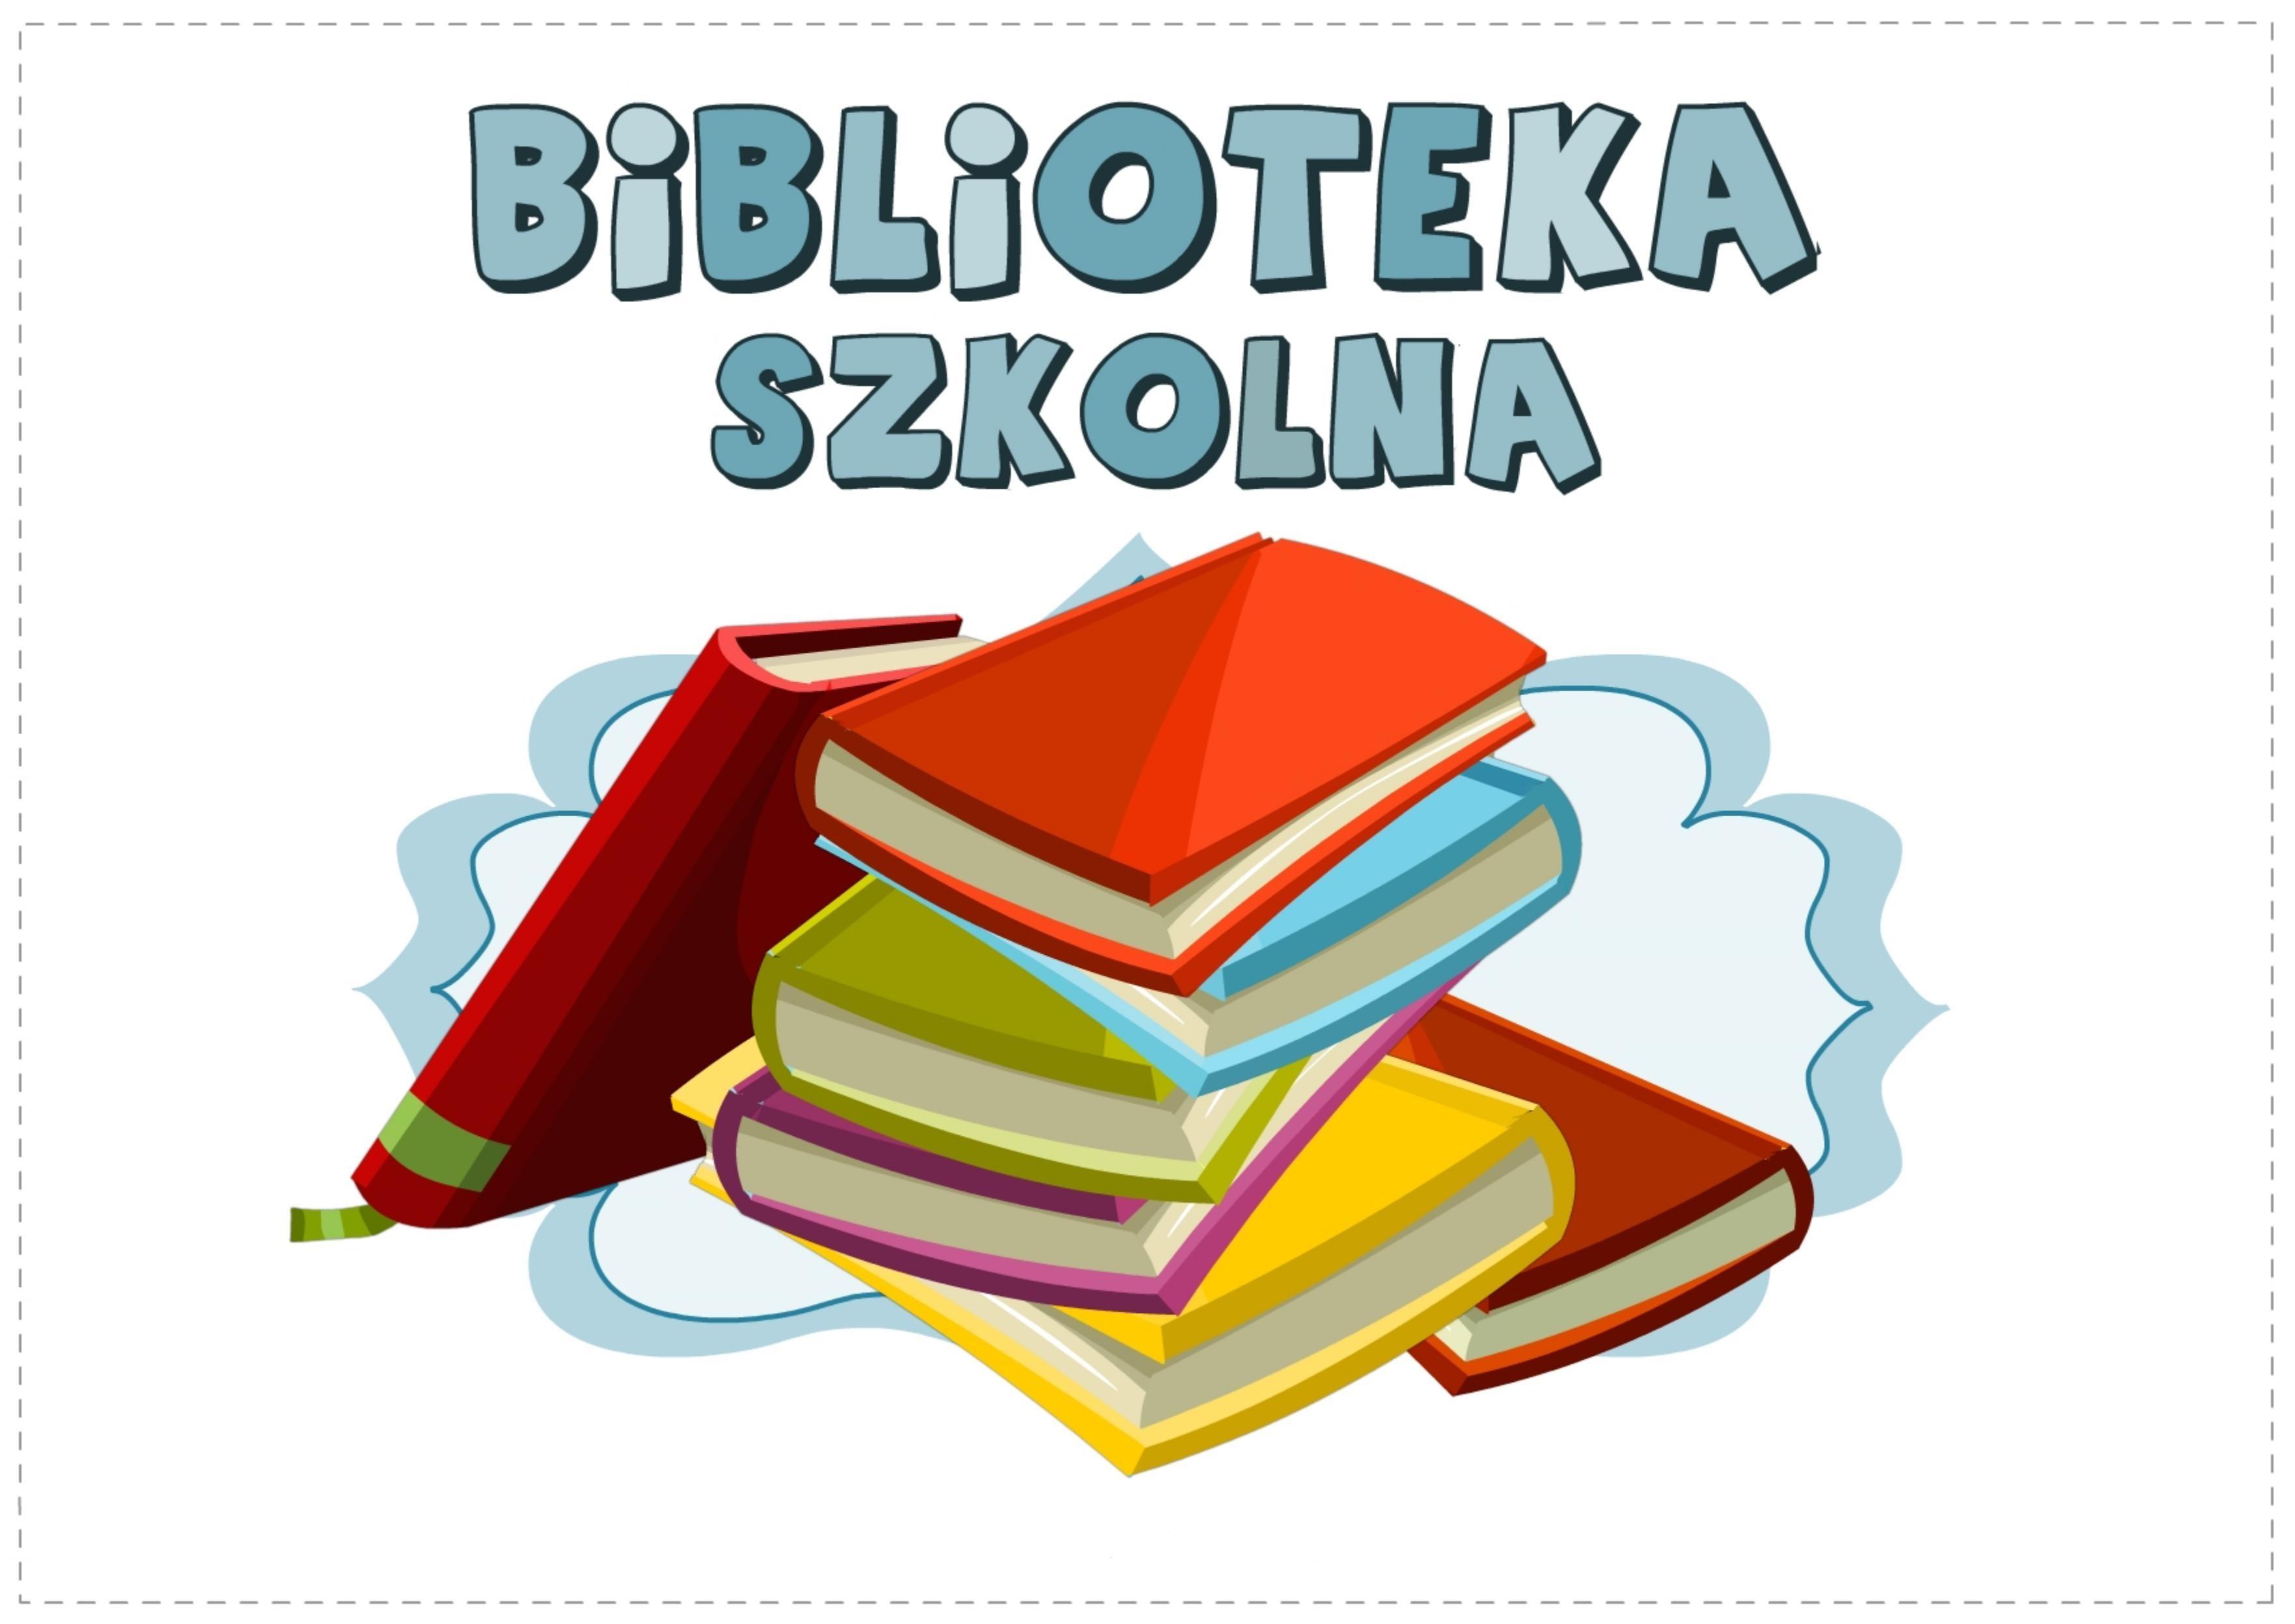 Biblioteka szkolna zachęca! – Szkoła Podstawowa nr 4 w Ostrołęce